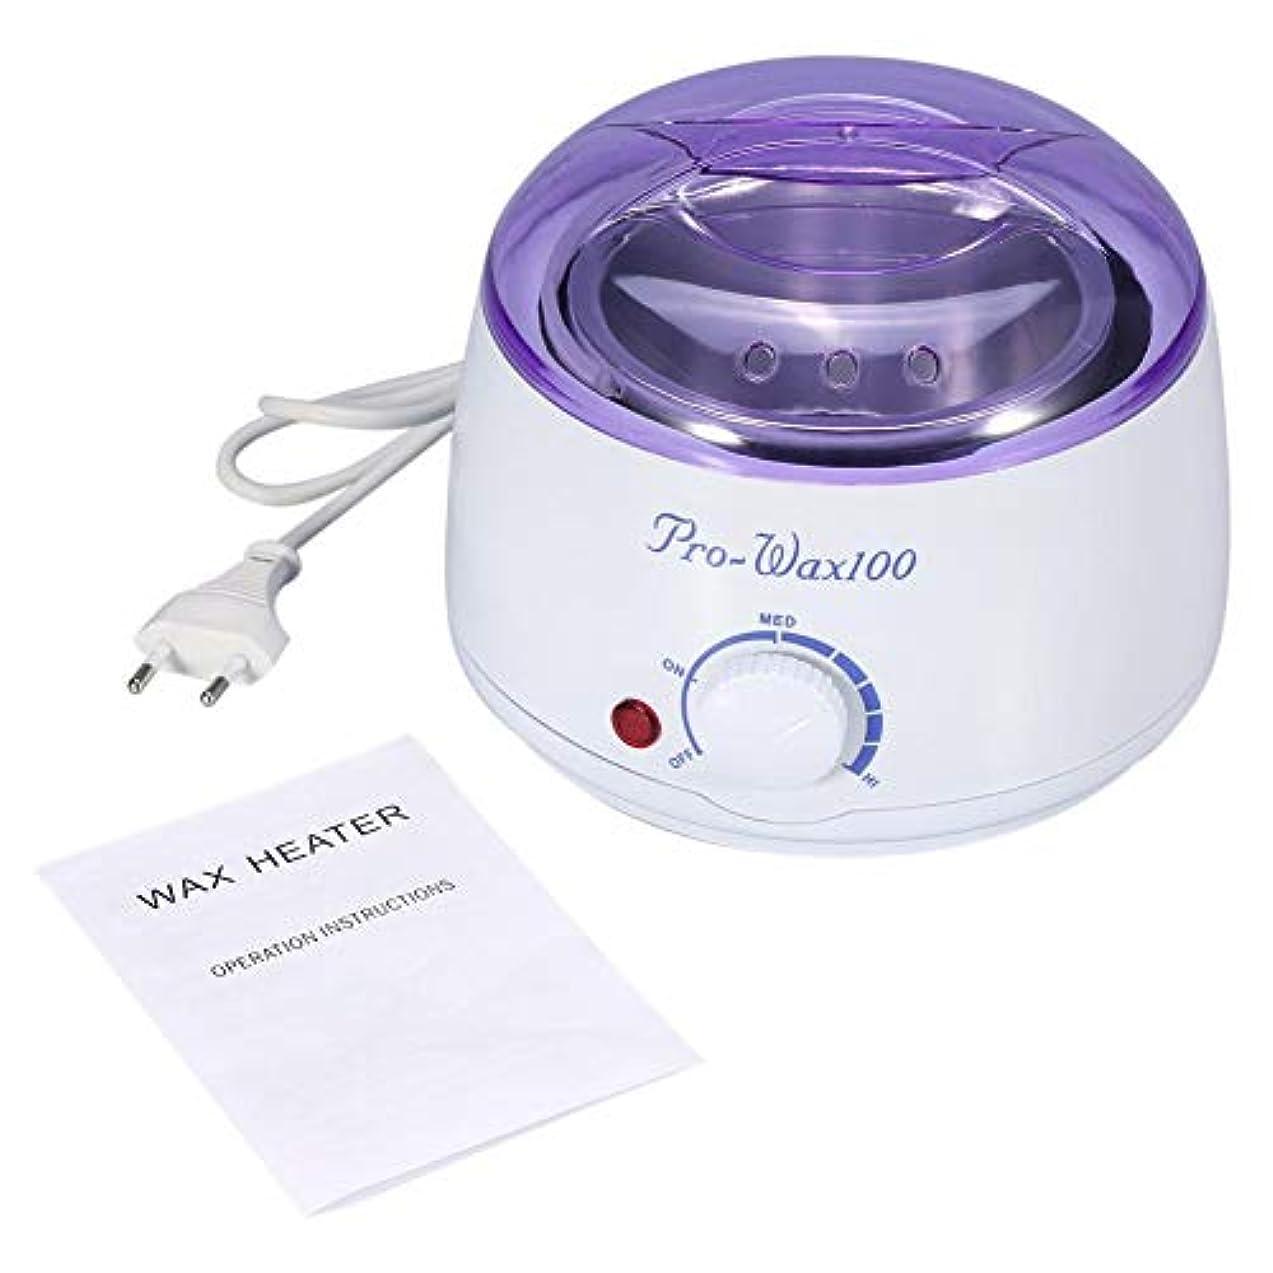 うるさいデュアル感謝祭ワックスマシン、500mlワックスヒーター、調節可能な温度ノブおよびオートオフ機能付き、あらゆるタイプのワックス用のプロフェッショナルホットワックスマシン、美しさと脱毛(米国)